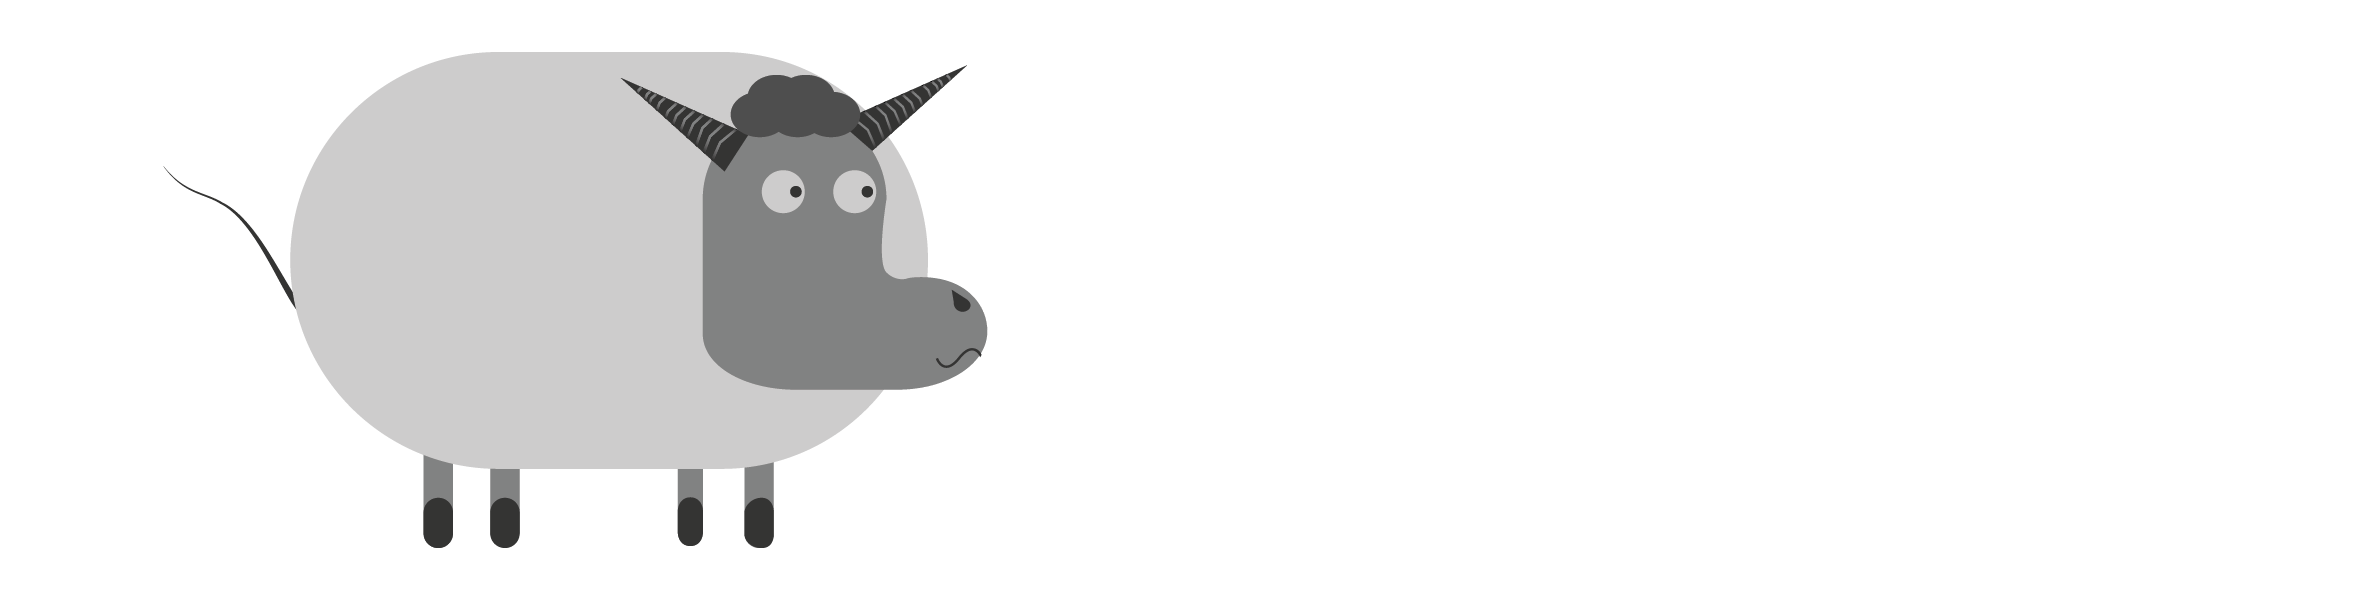 The Merch Church